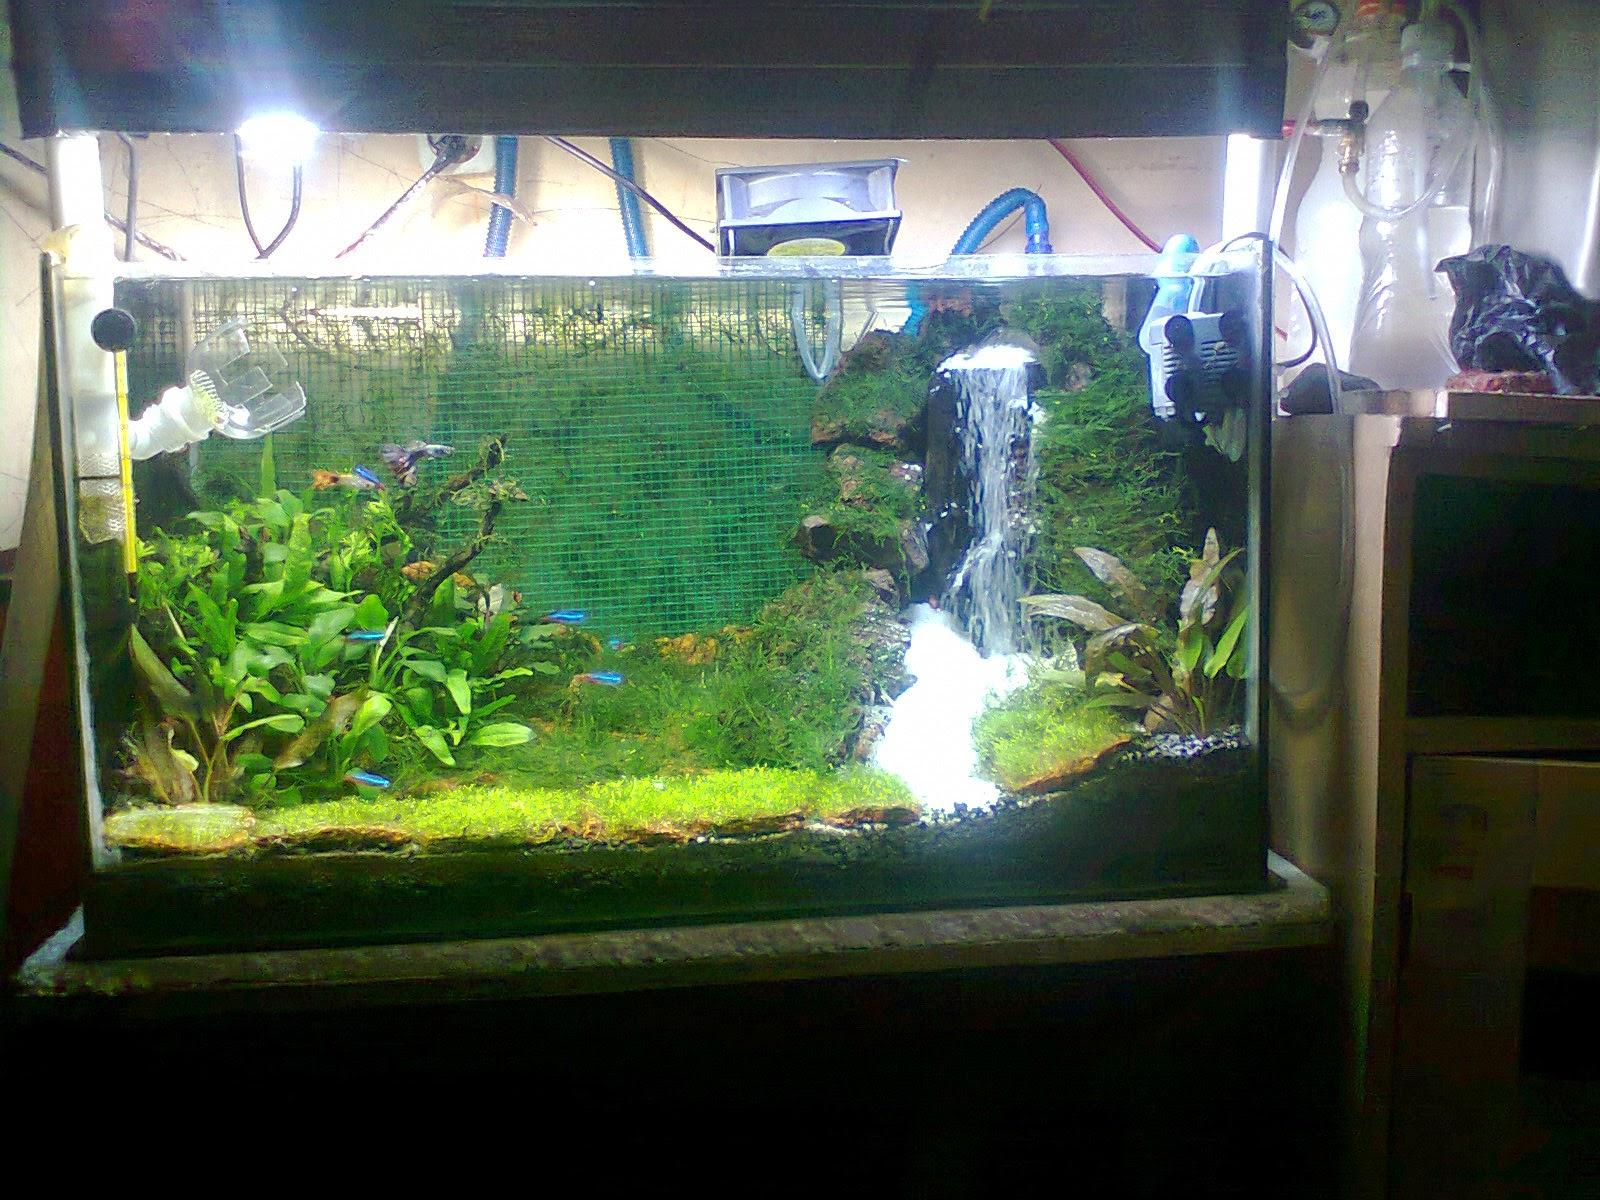 Ardy cianjur bogor cara membuat air terjun aquascape aquarium - Gambar aquascape ...